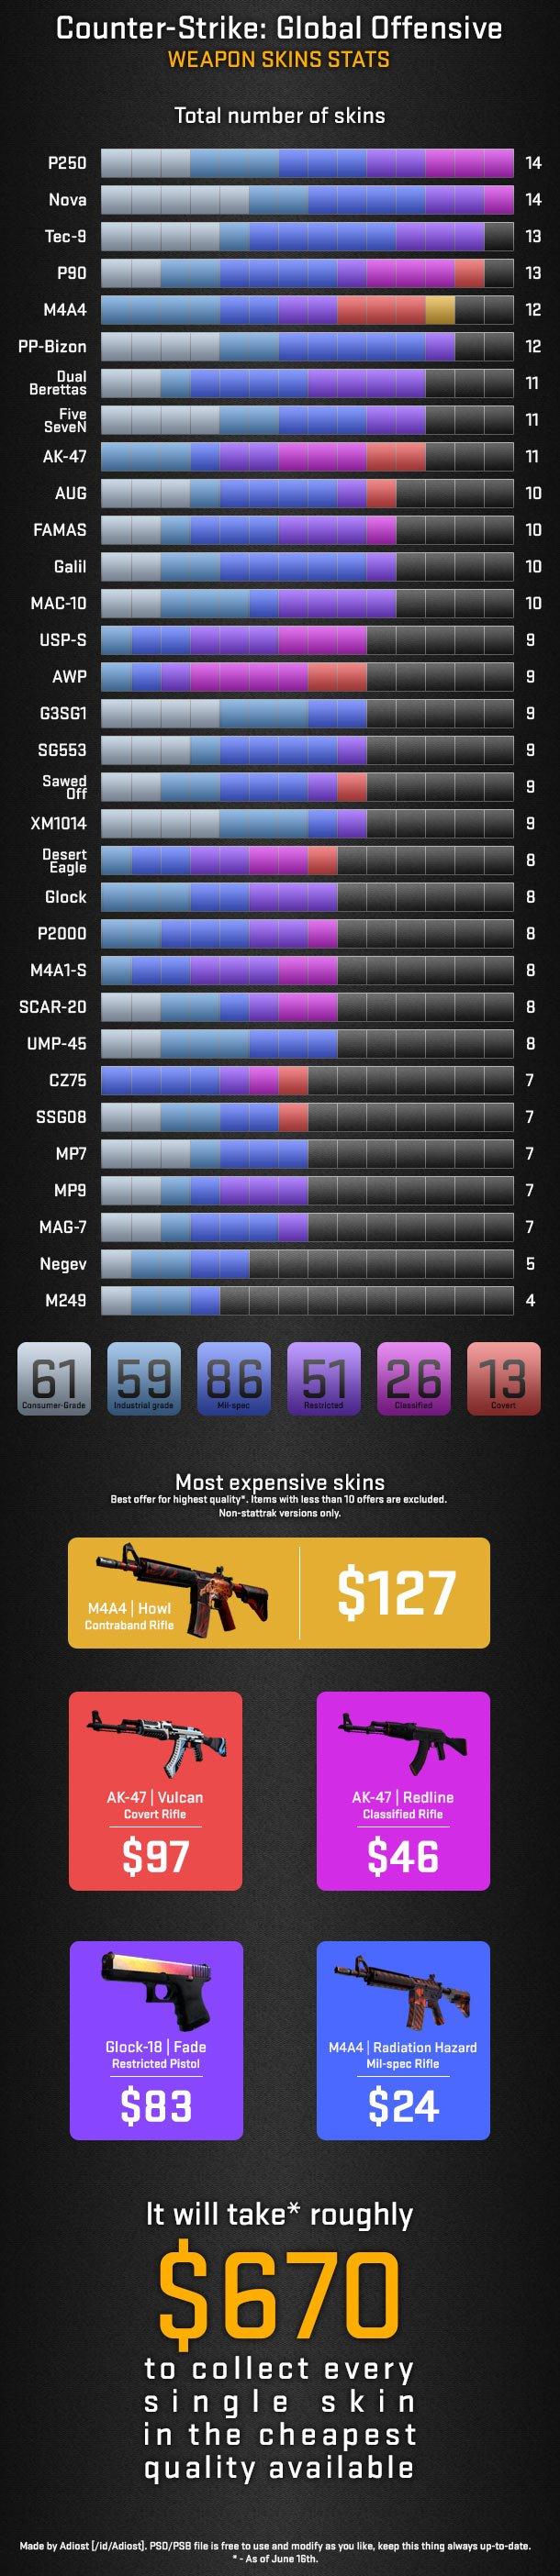 Cs Go Skin Qualität